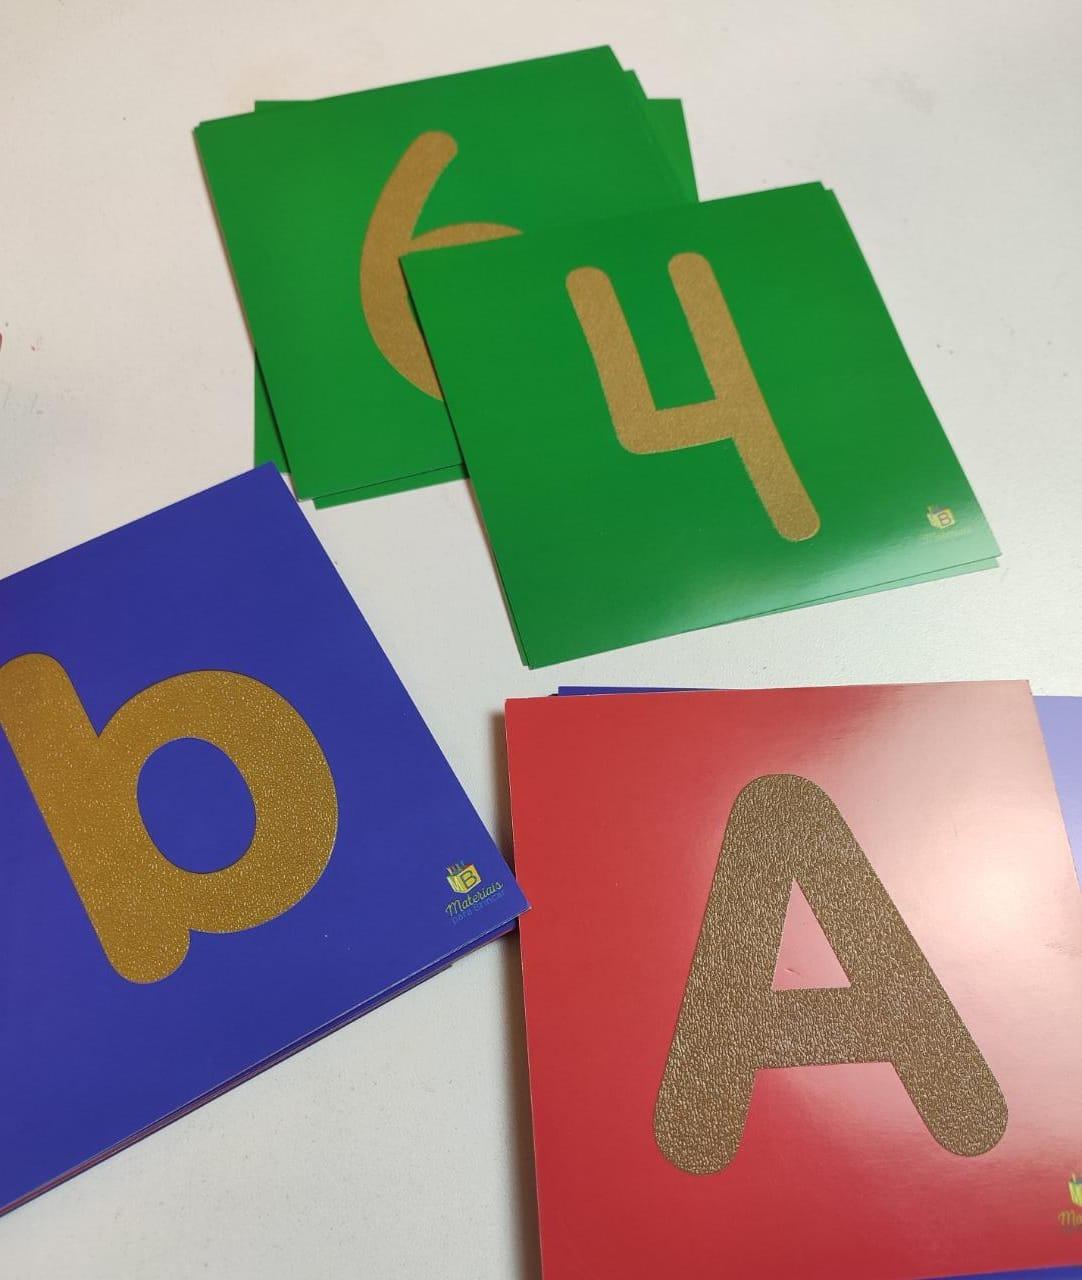 Letras e Números Texturizados